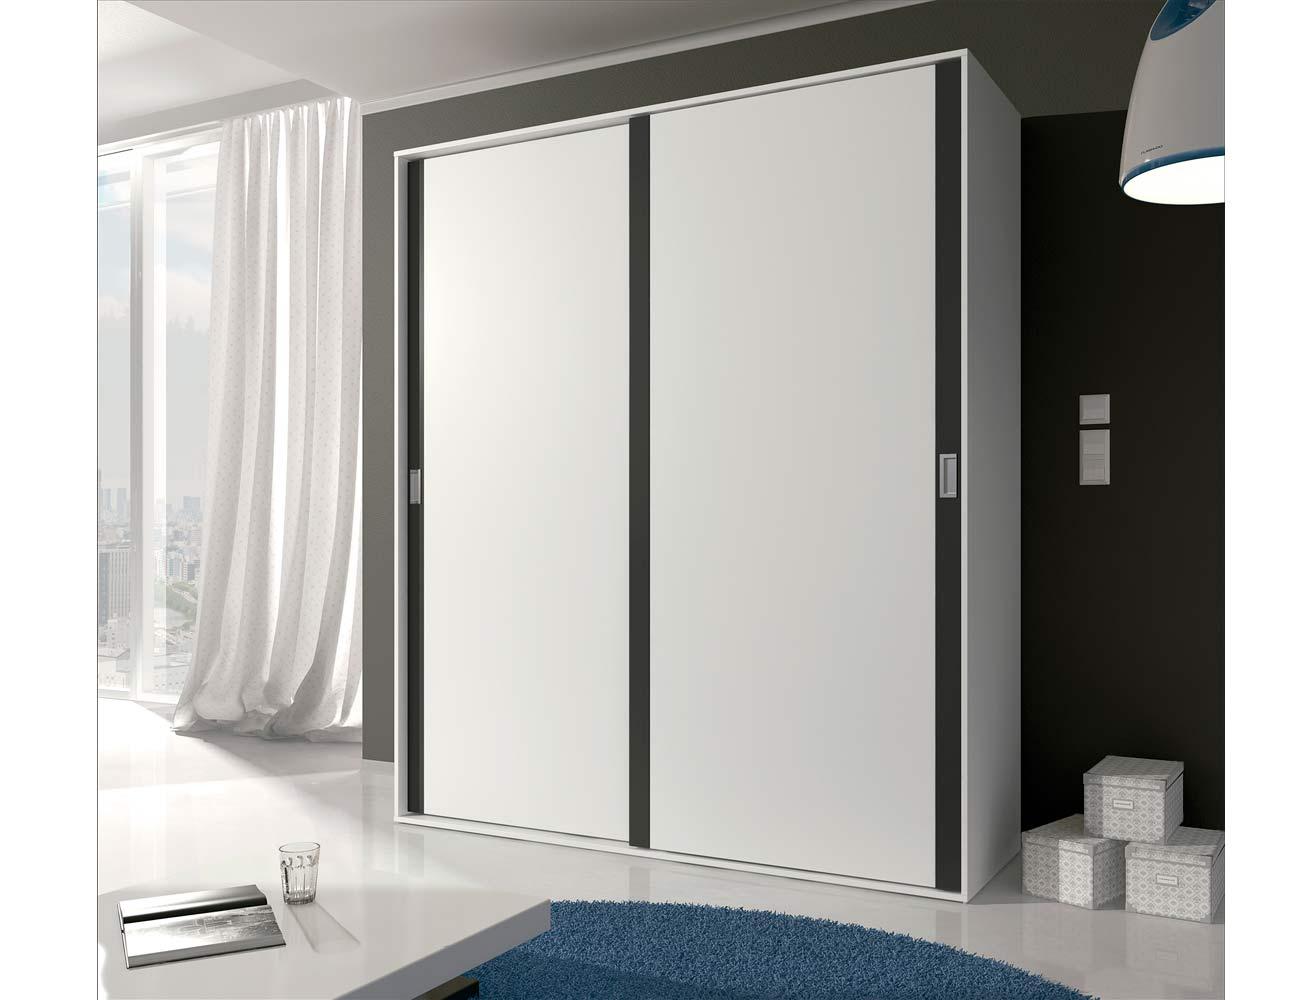 Armario de 2 puertas correderas estilo moderno en blanco - Mueble puertas correderas ...